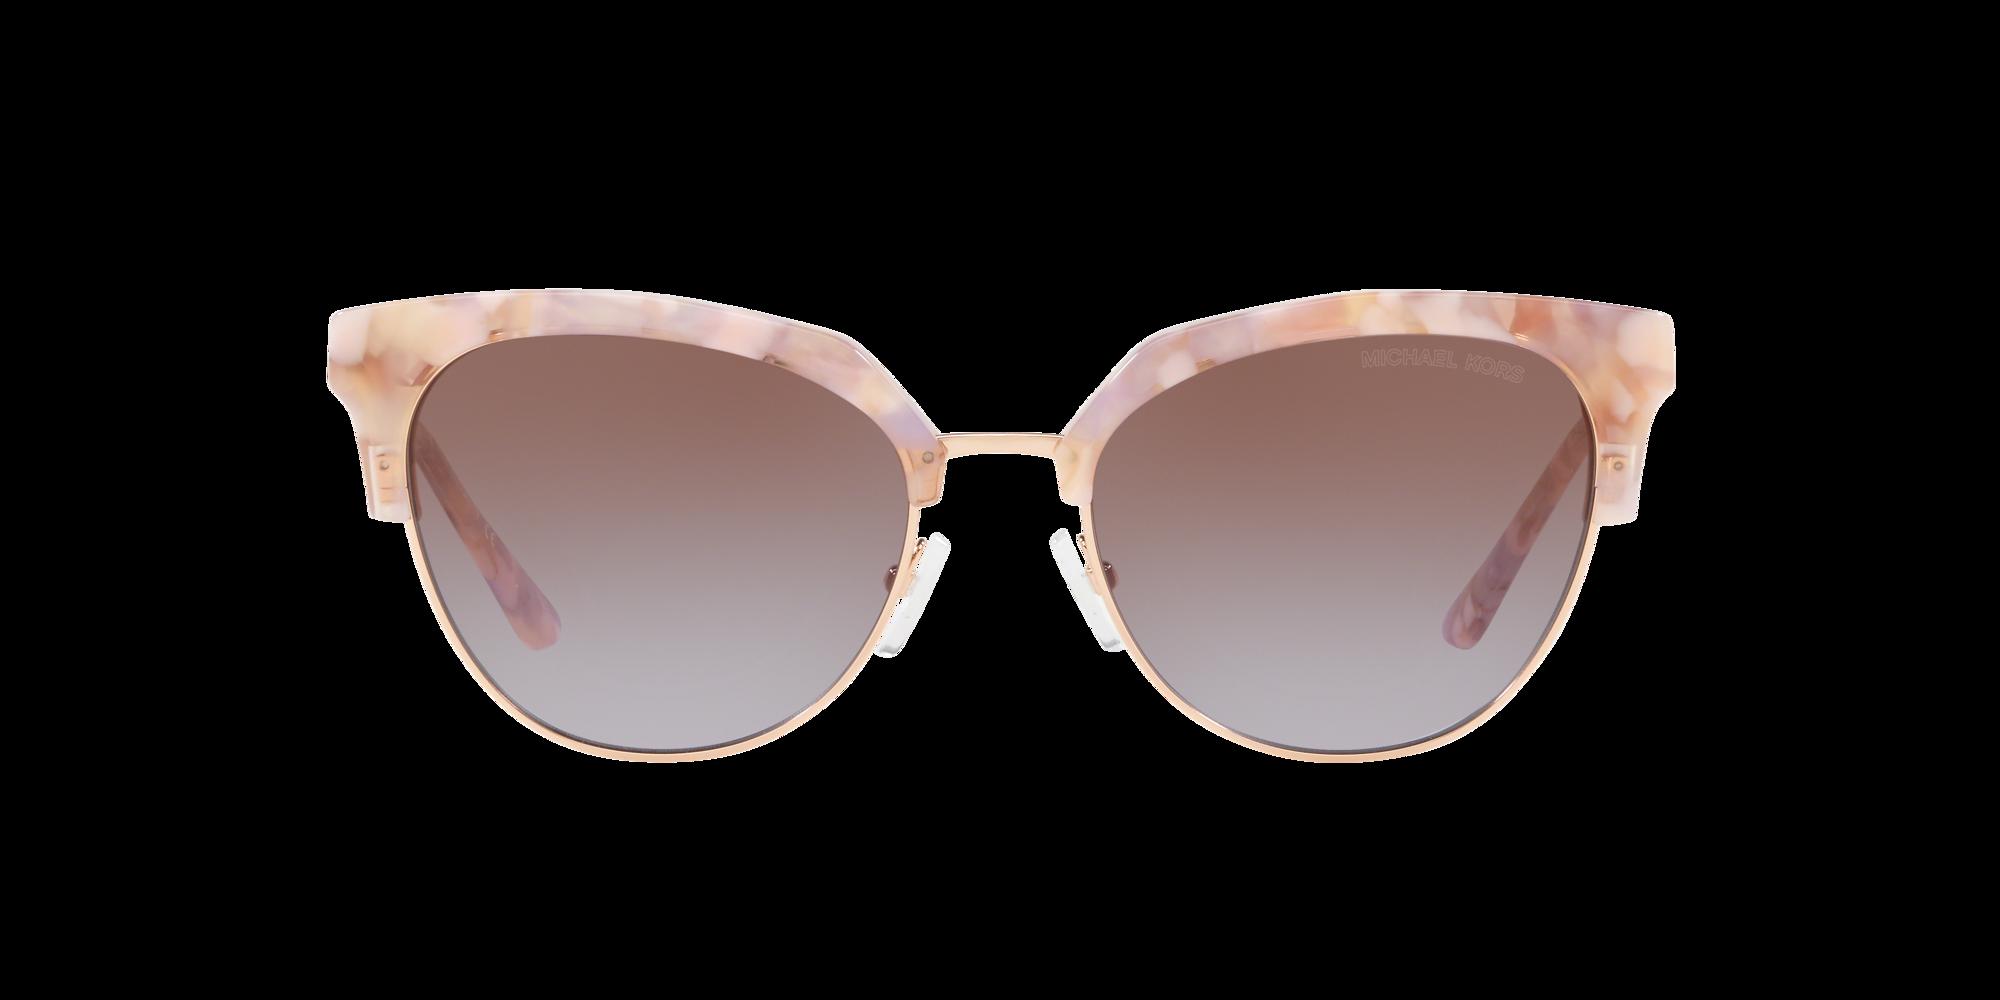 Imagen para MK1033 54 SAVANNAH de LensCrafters |  Espejuelos, espejuelos graduados en línea, gafas